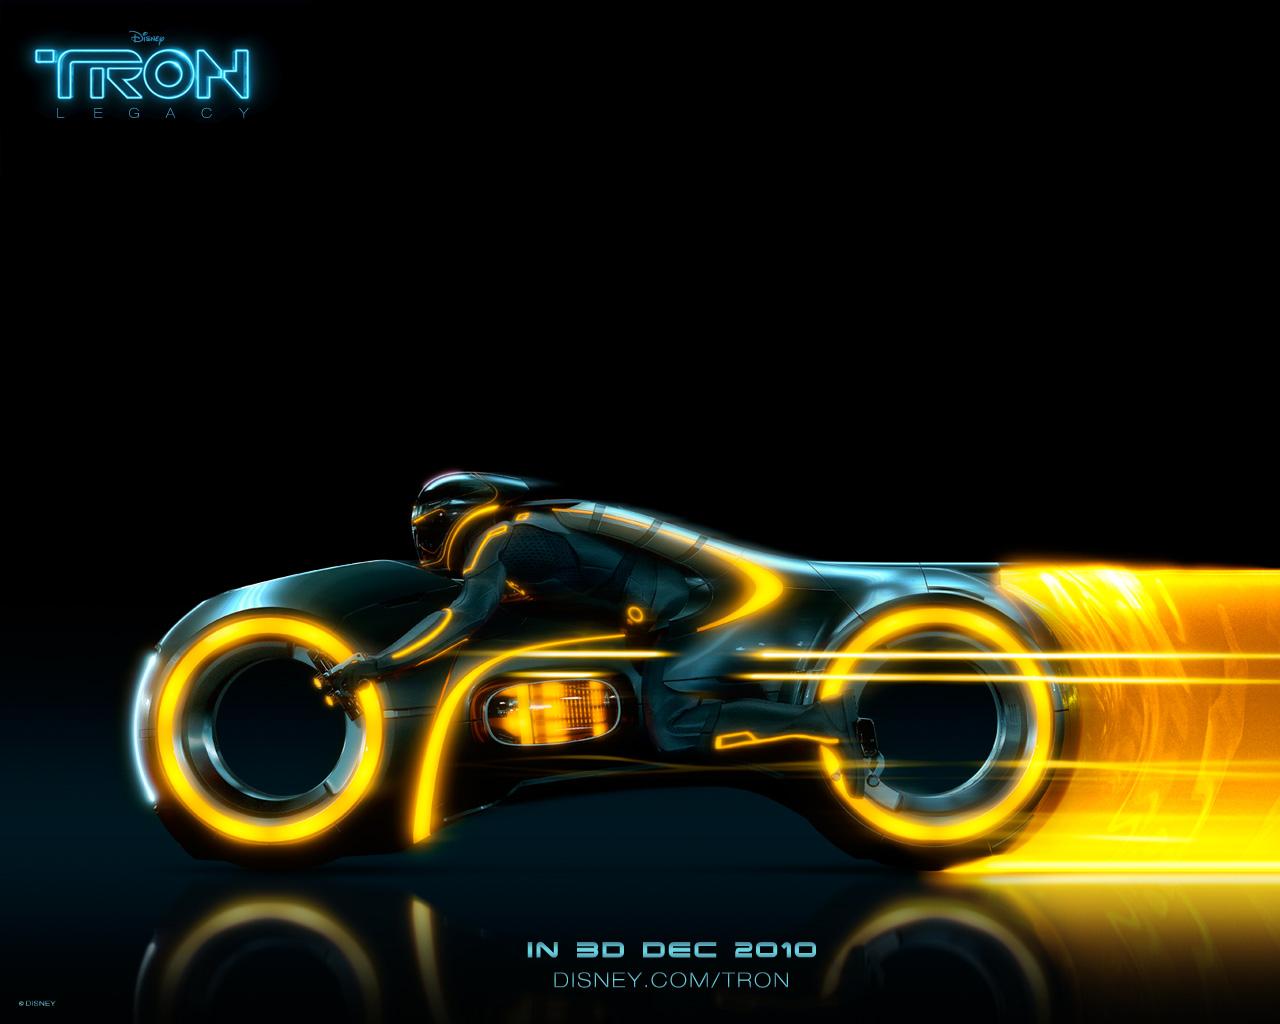 http://4.bp.blogspot.com/_aaRK8FMxsDo/TRKAC4JNAuI/AAAAAAAAAtU/r3a79Gr1H18/s1600/TRON_wallpaper_lightcycle_yellow.jpg